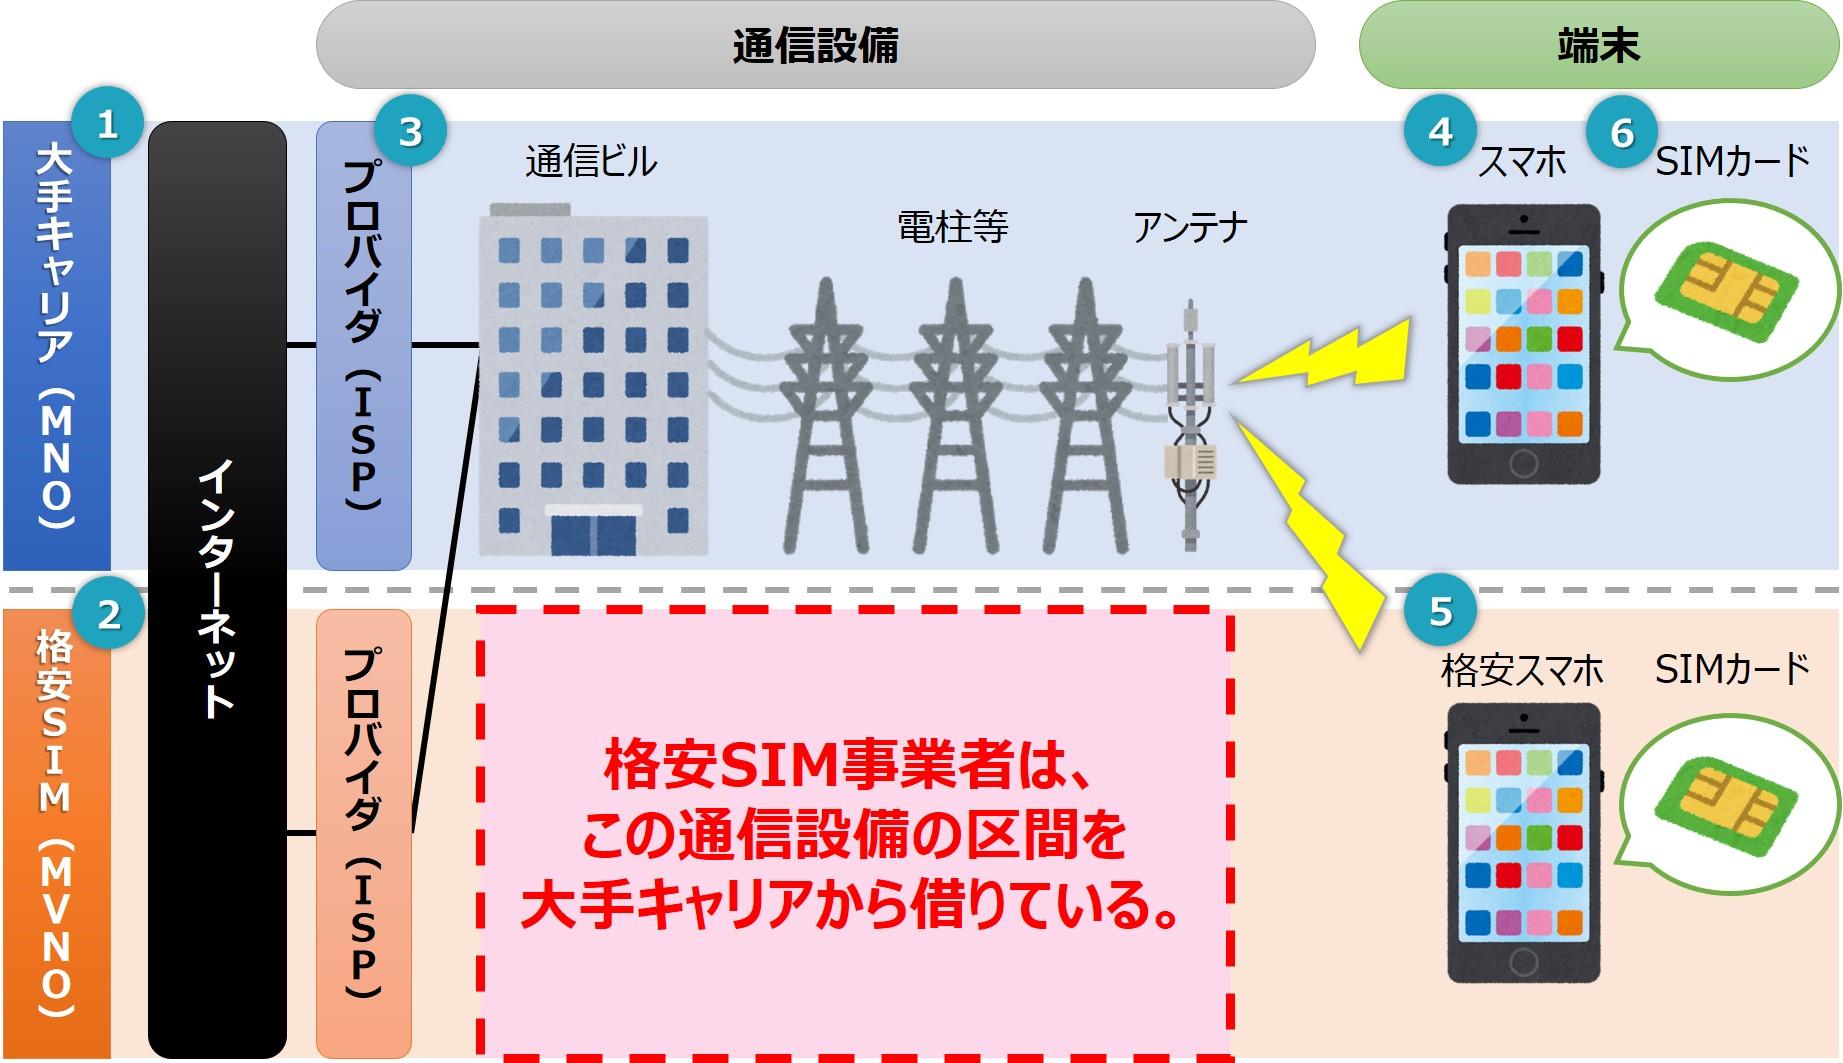 格安SIMの仕組み(図解)